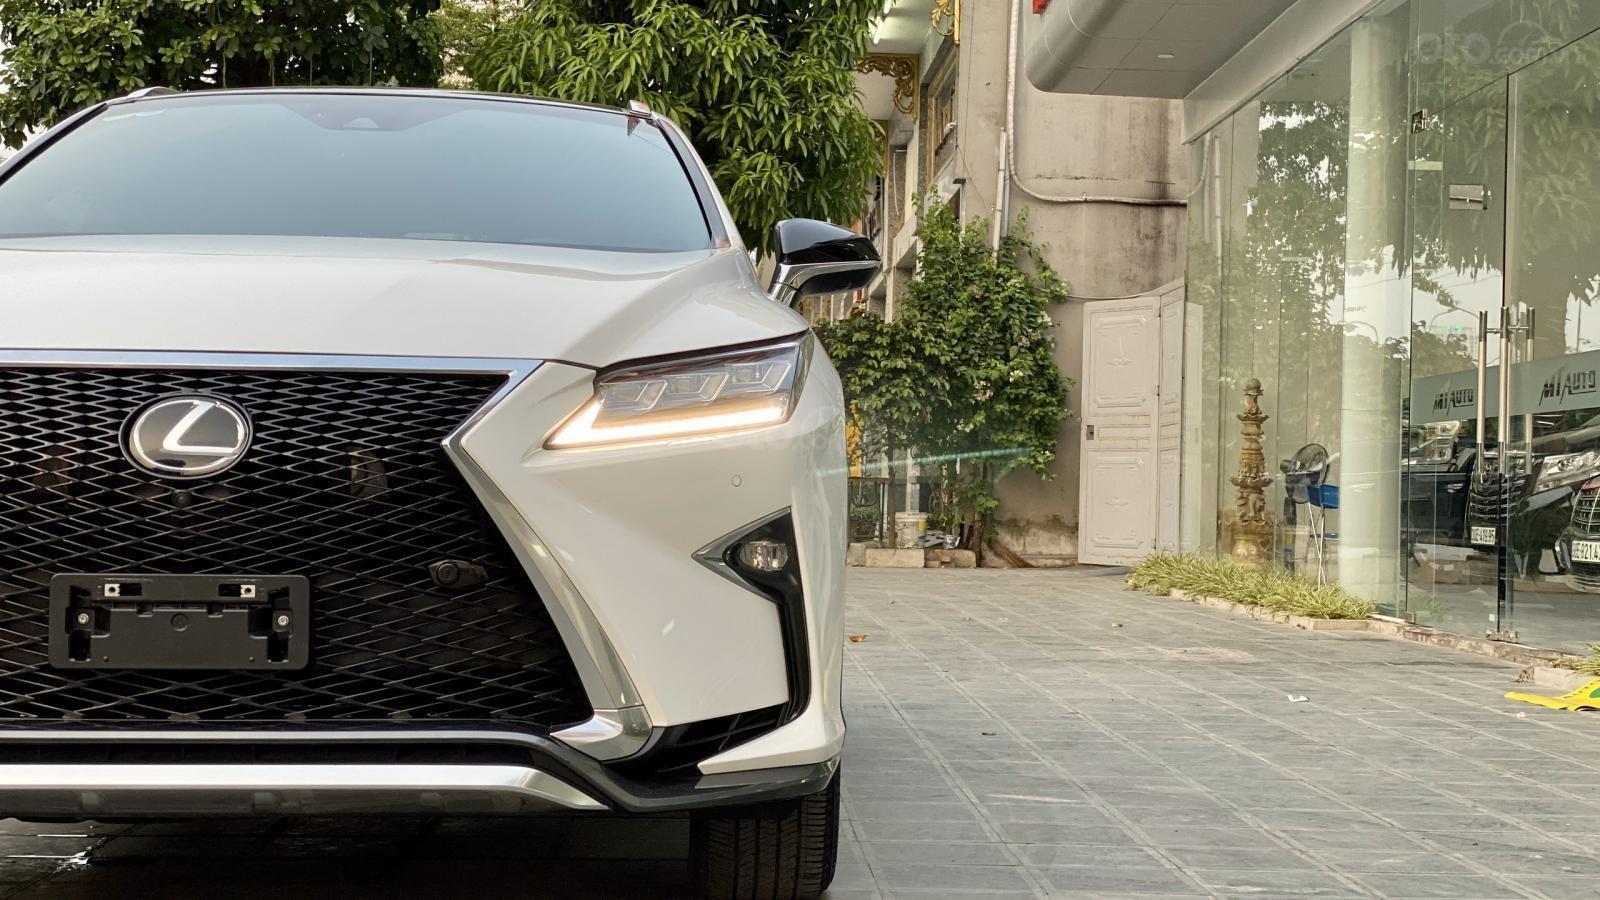 Bán xe Lexus RX 350 Fsport nhập Mỹ sản xuất 2018 đã qua sử dụng LH Ms Hương, giao xe toàn quốc, giá tốt (3)